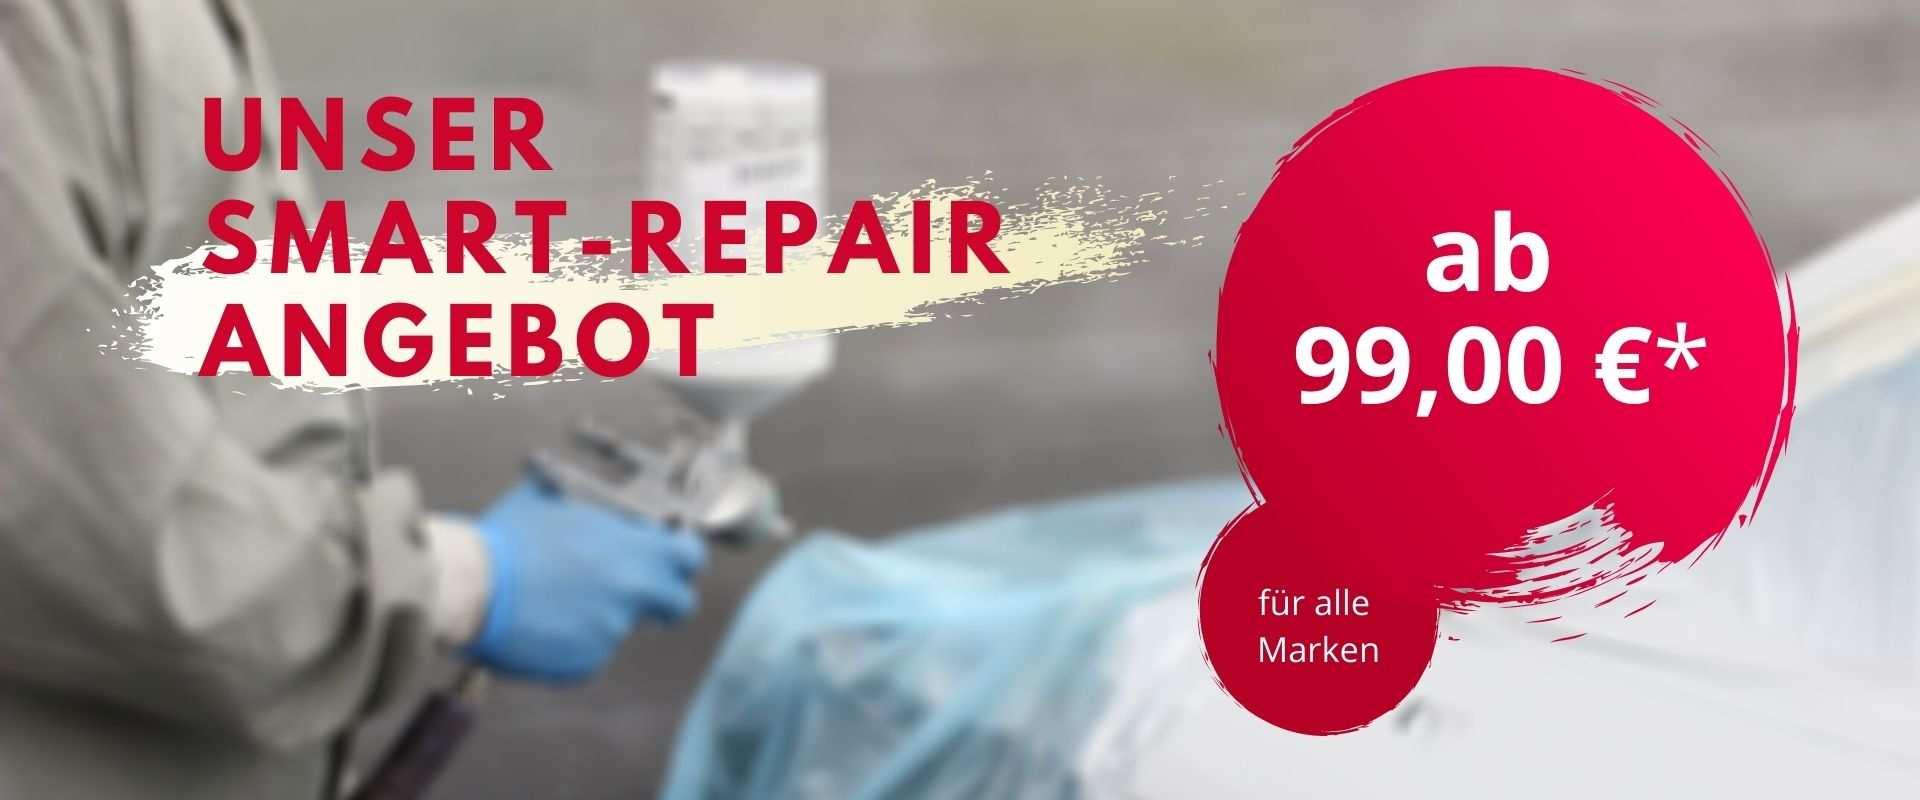 Unser Smart-Repair Angebot im Januar